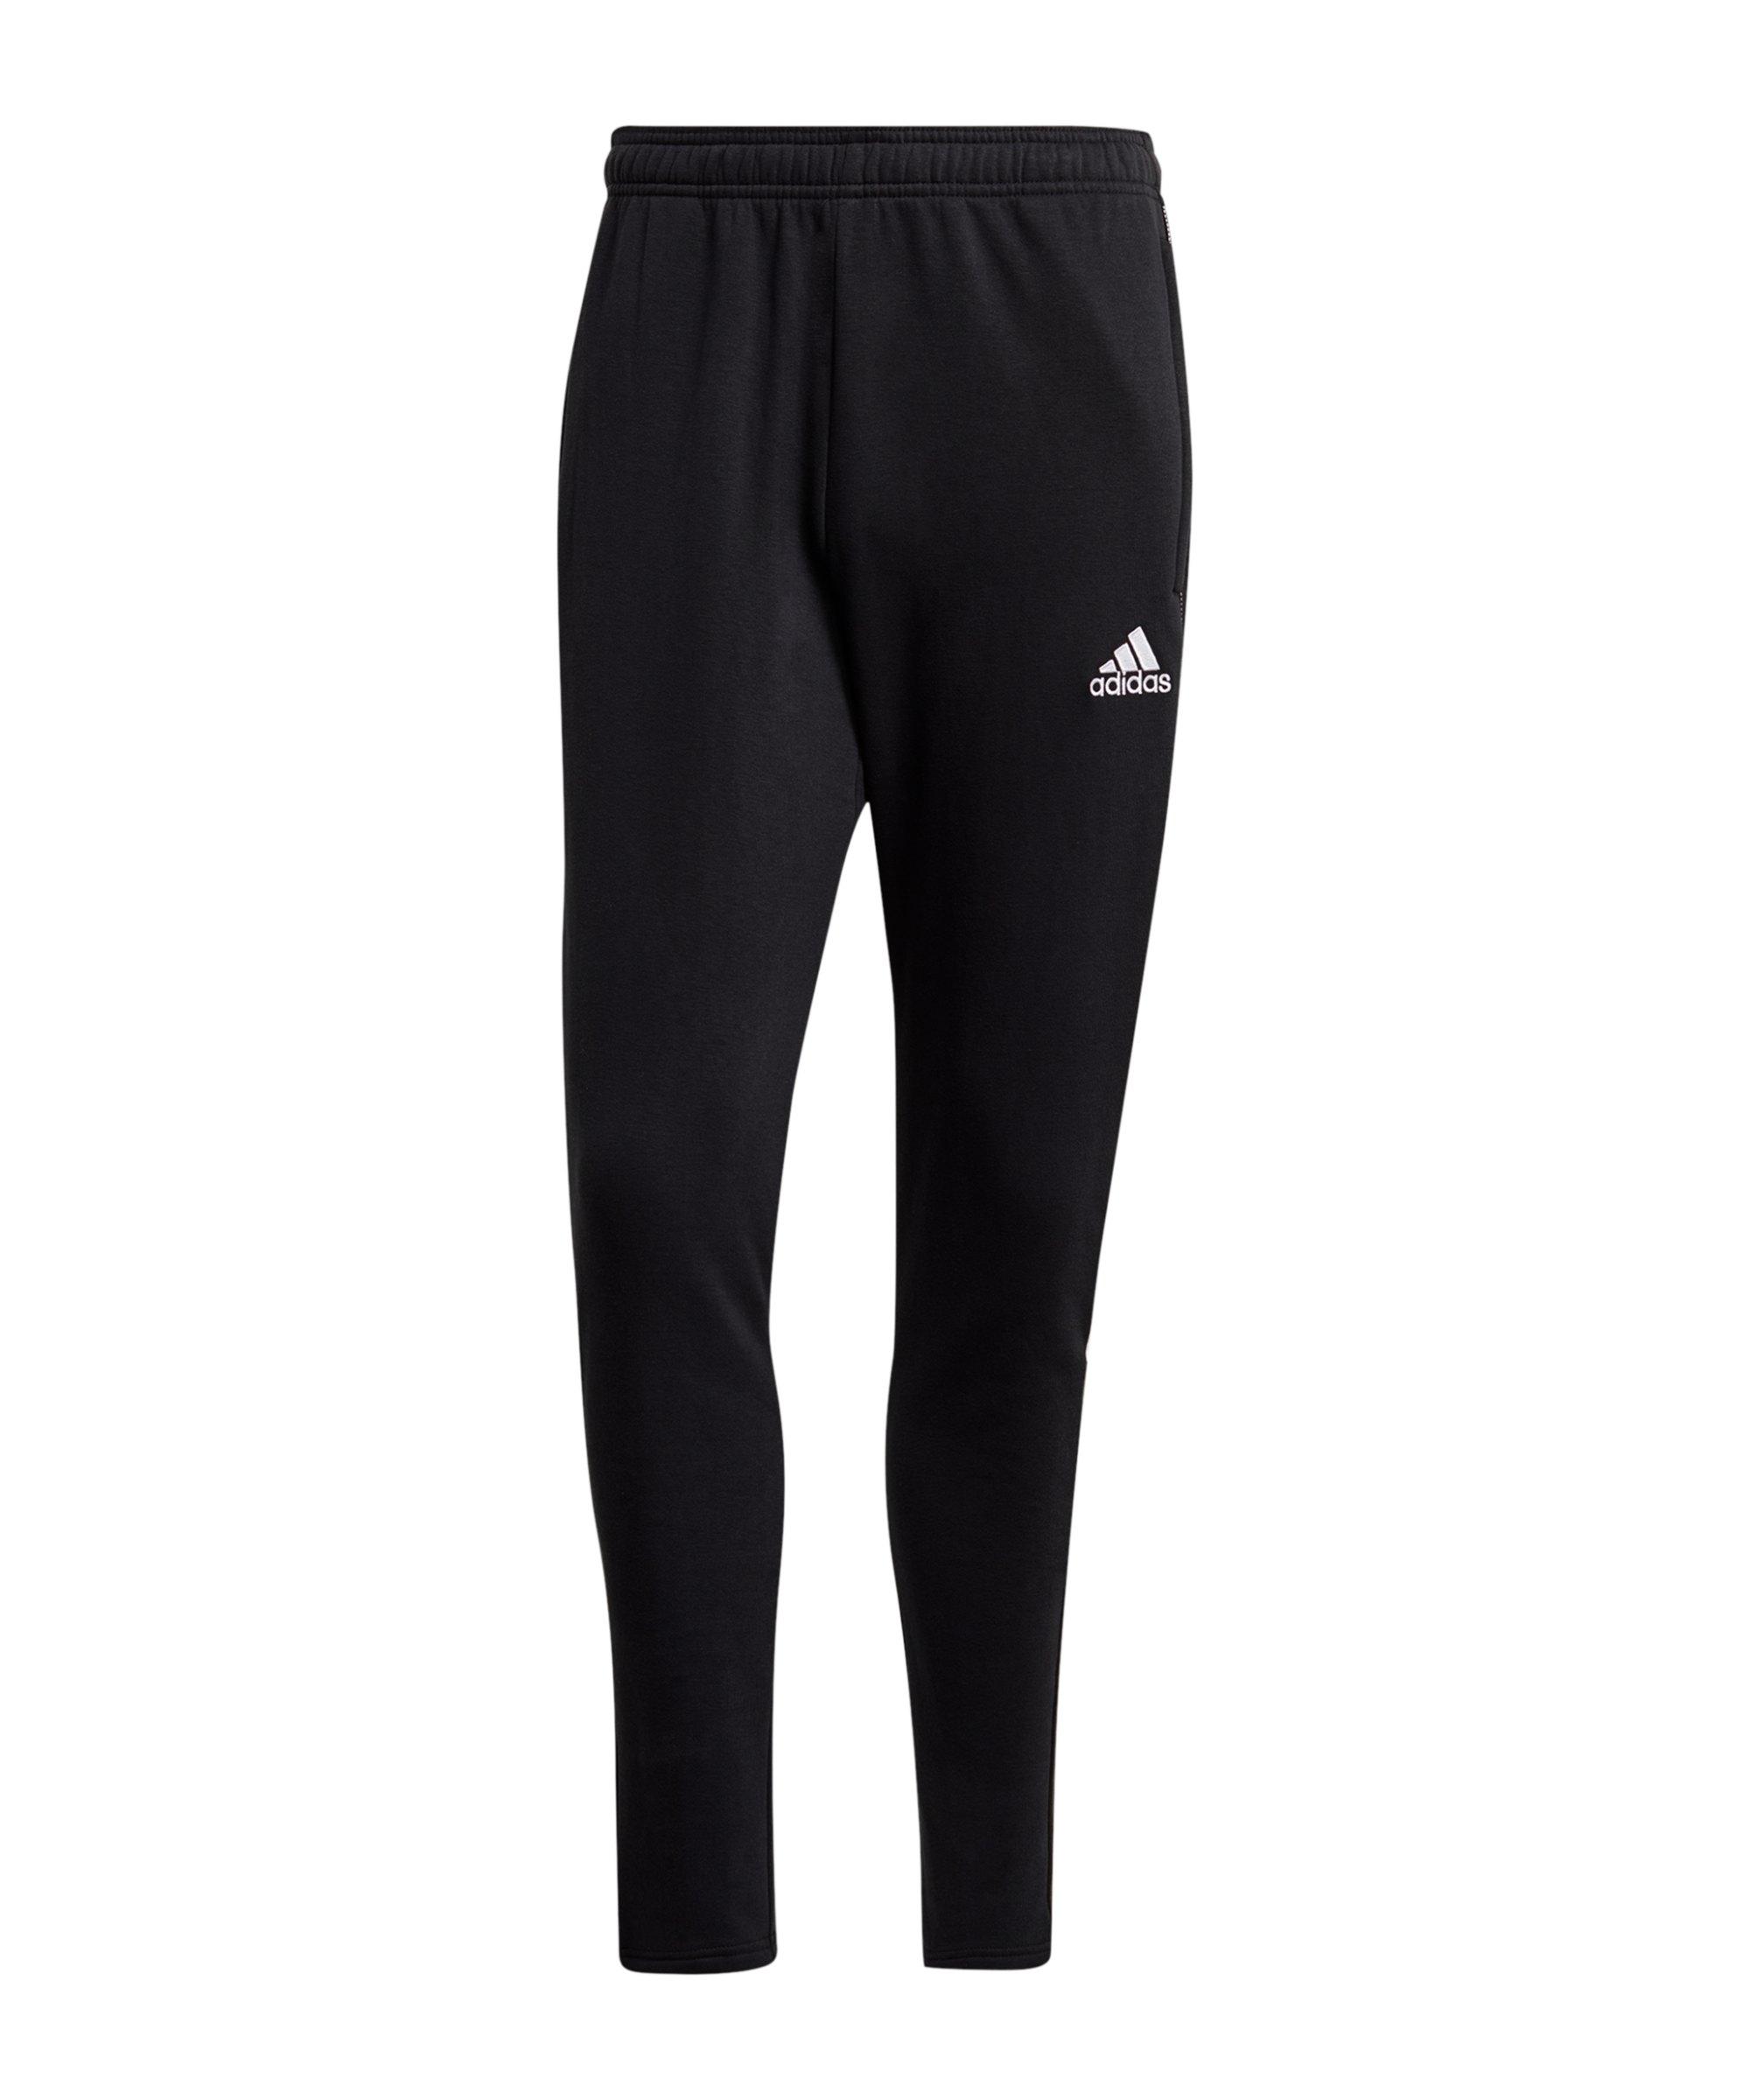 adidas Tiro 21 Sweat Trainingshose Schwarz - schwarz